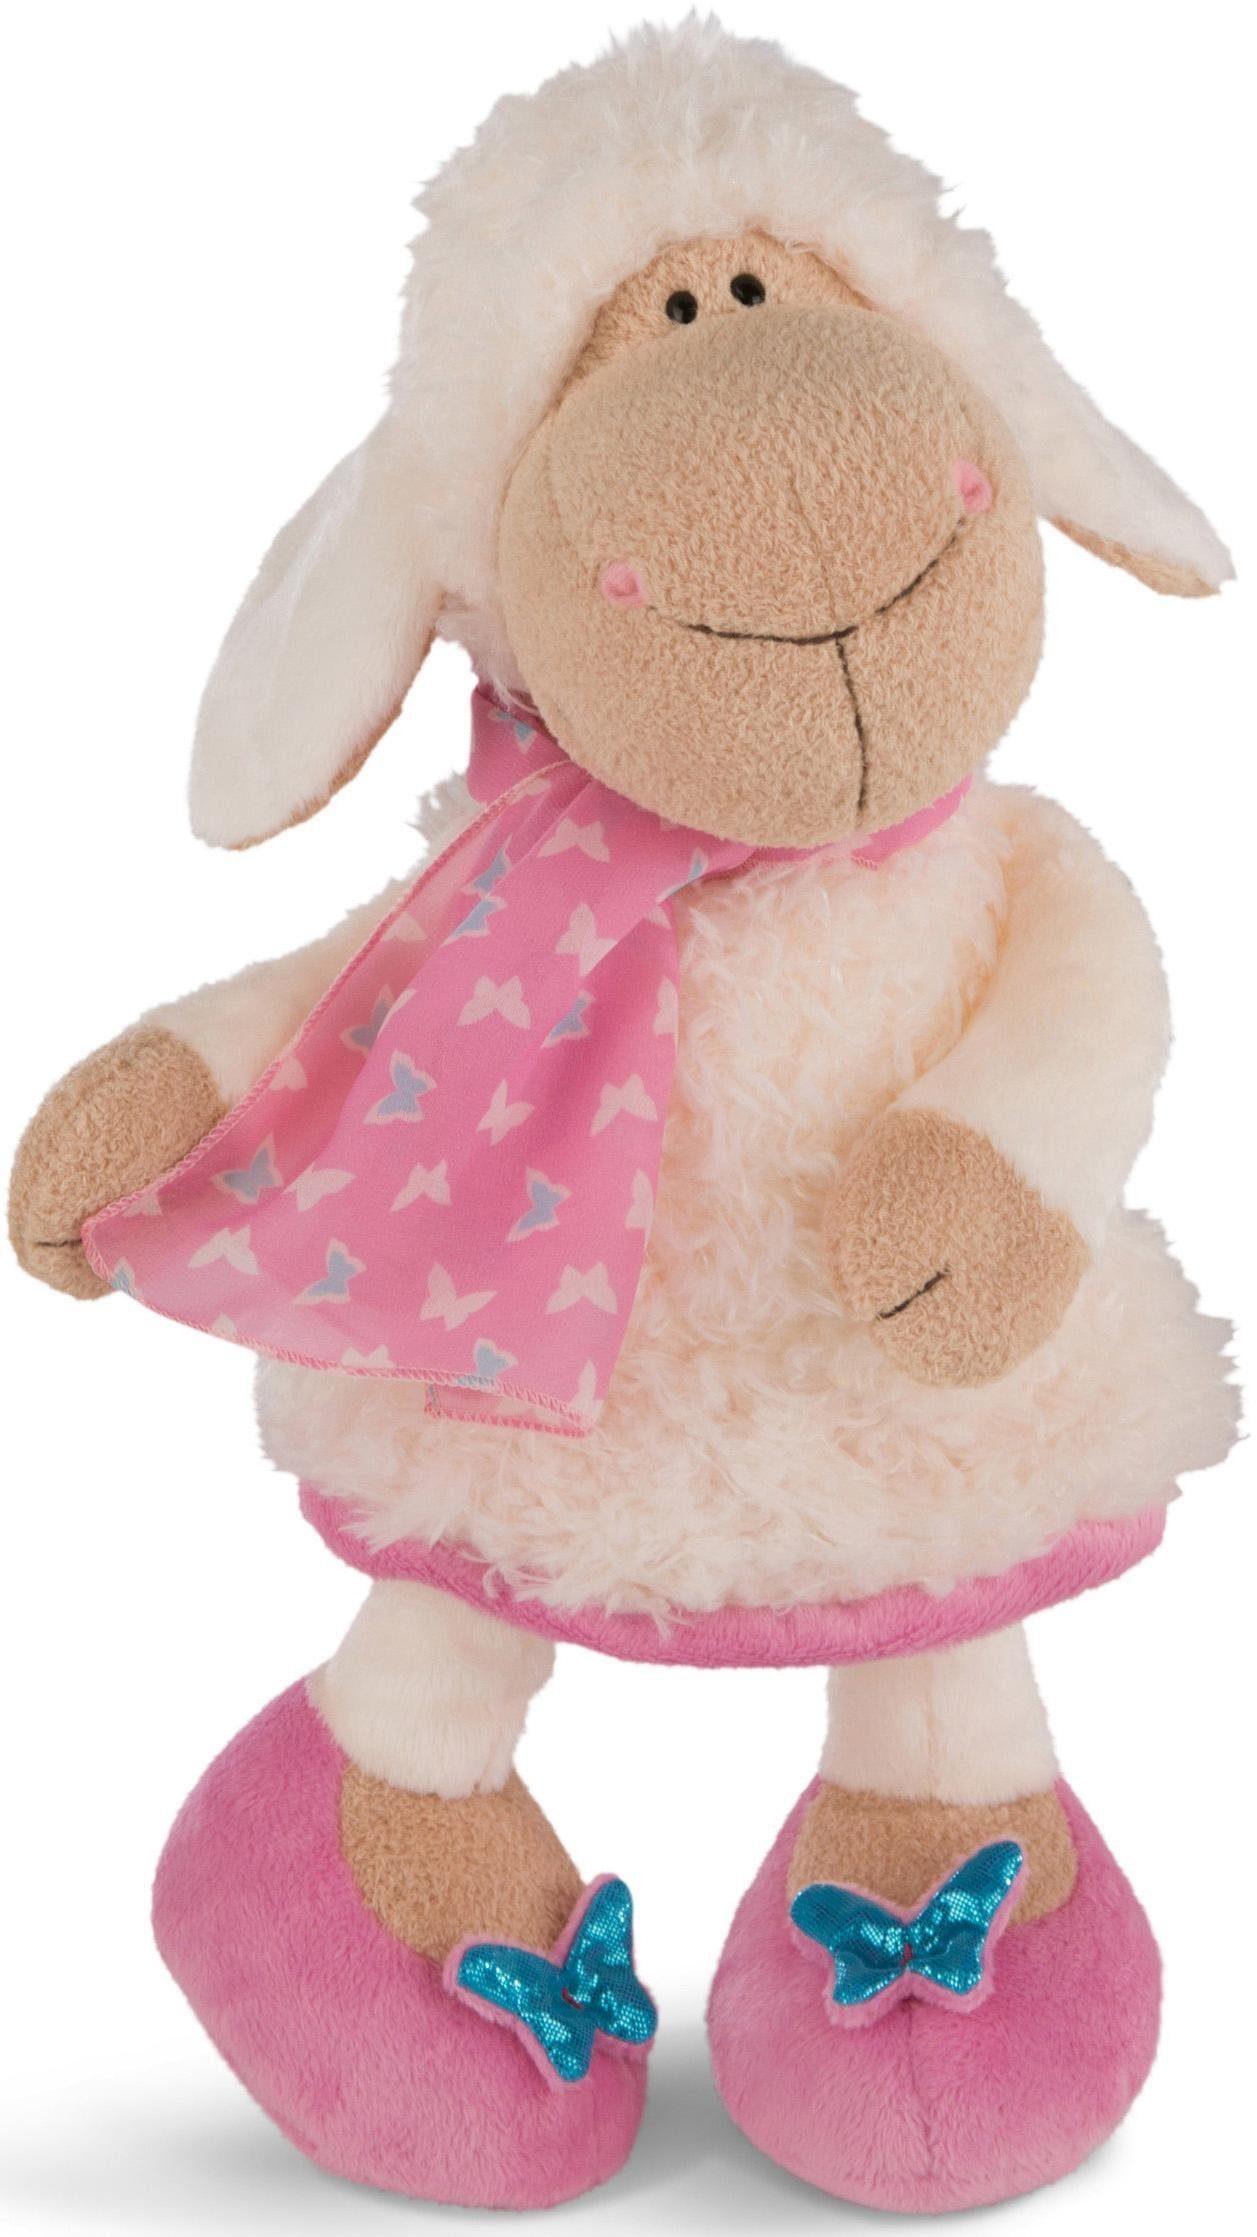 15 cm groß Plüschtier Schlenker Schaf Wolle Nici